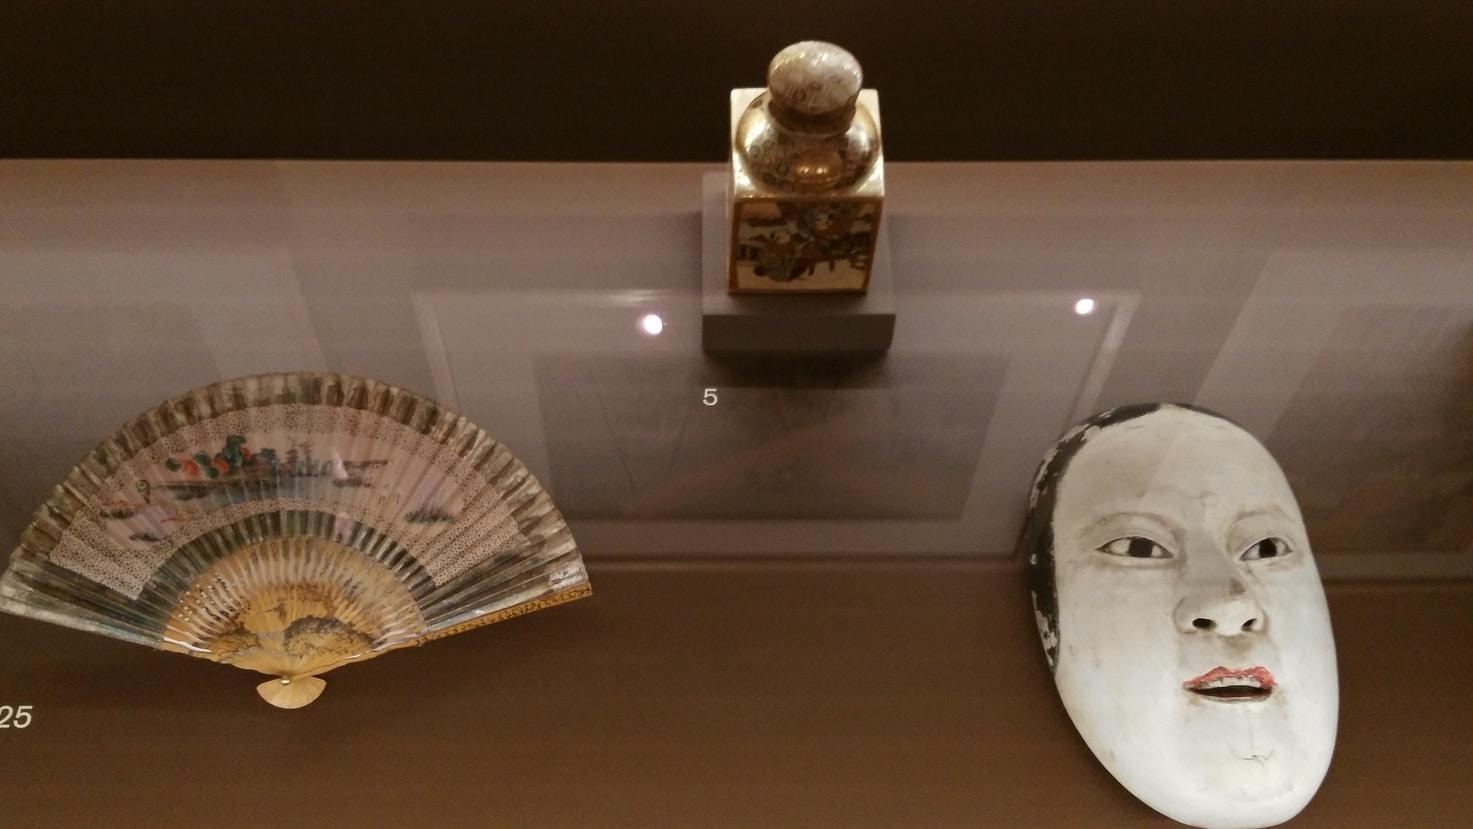 museo-thyssen-bornemisza-japon.jpg